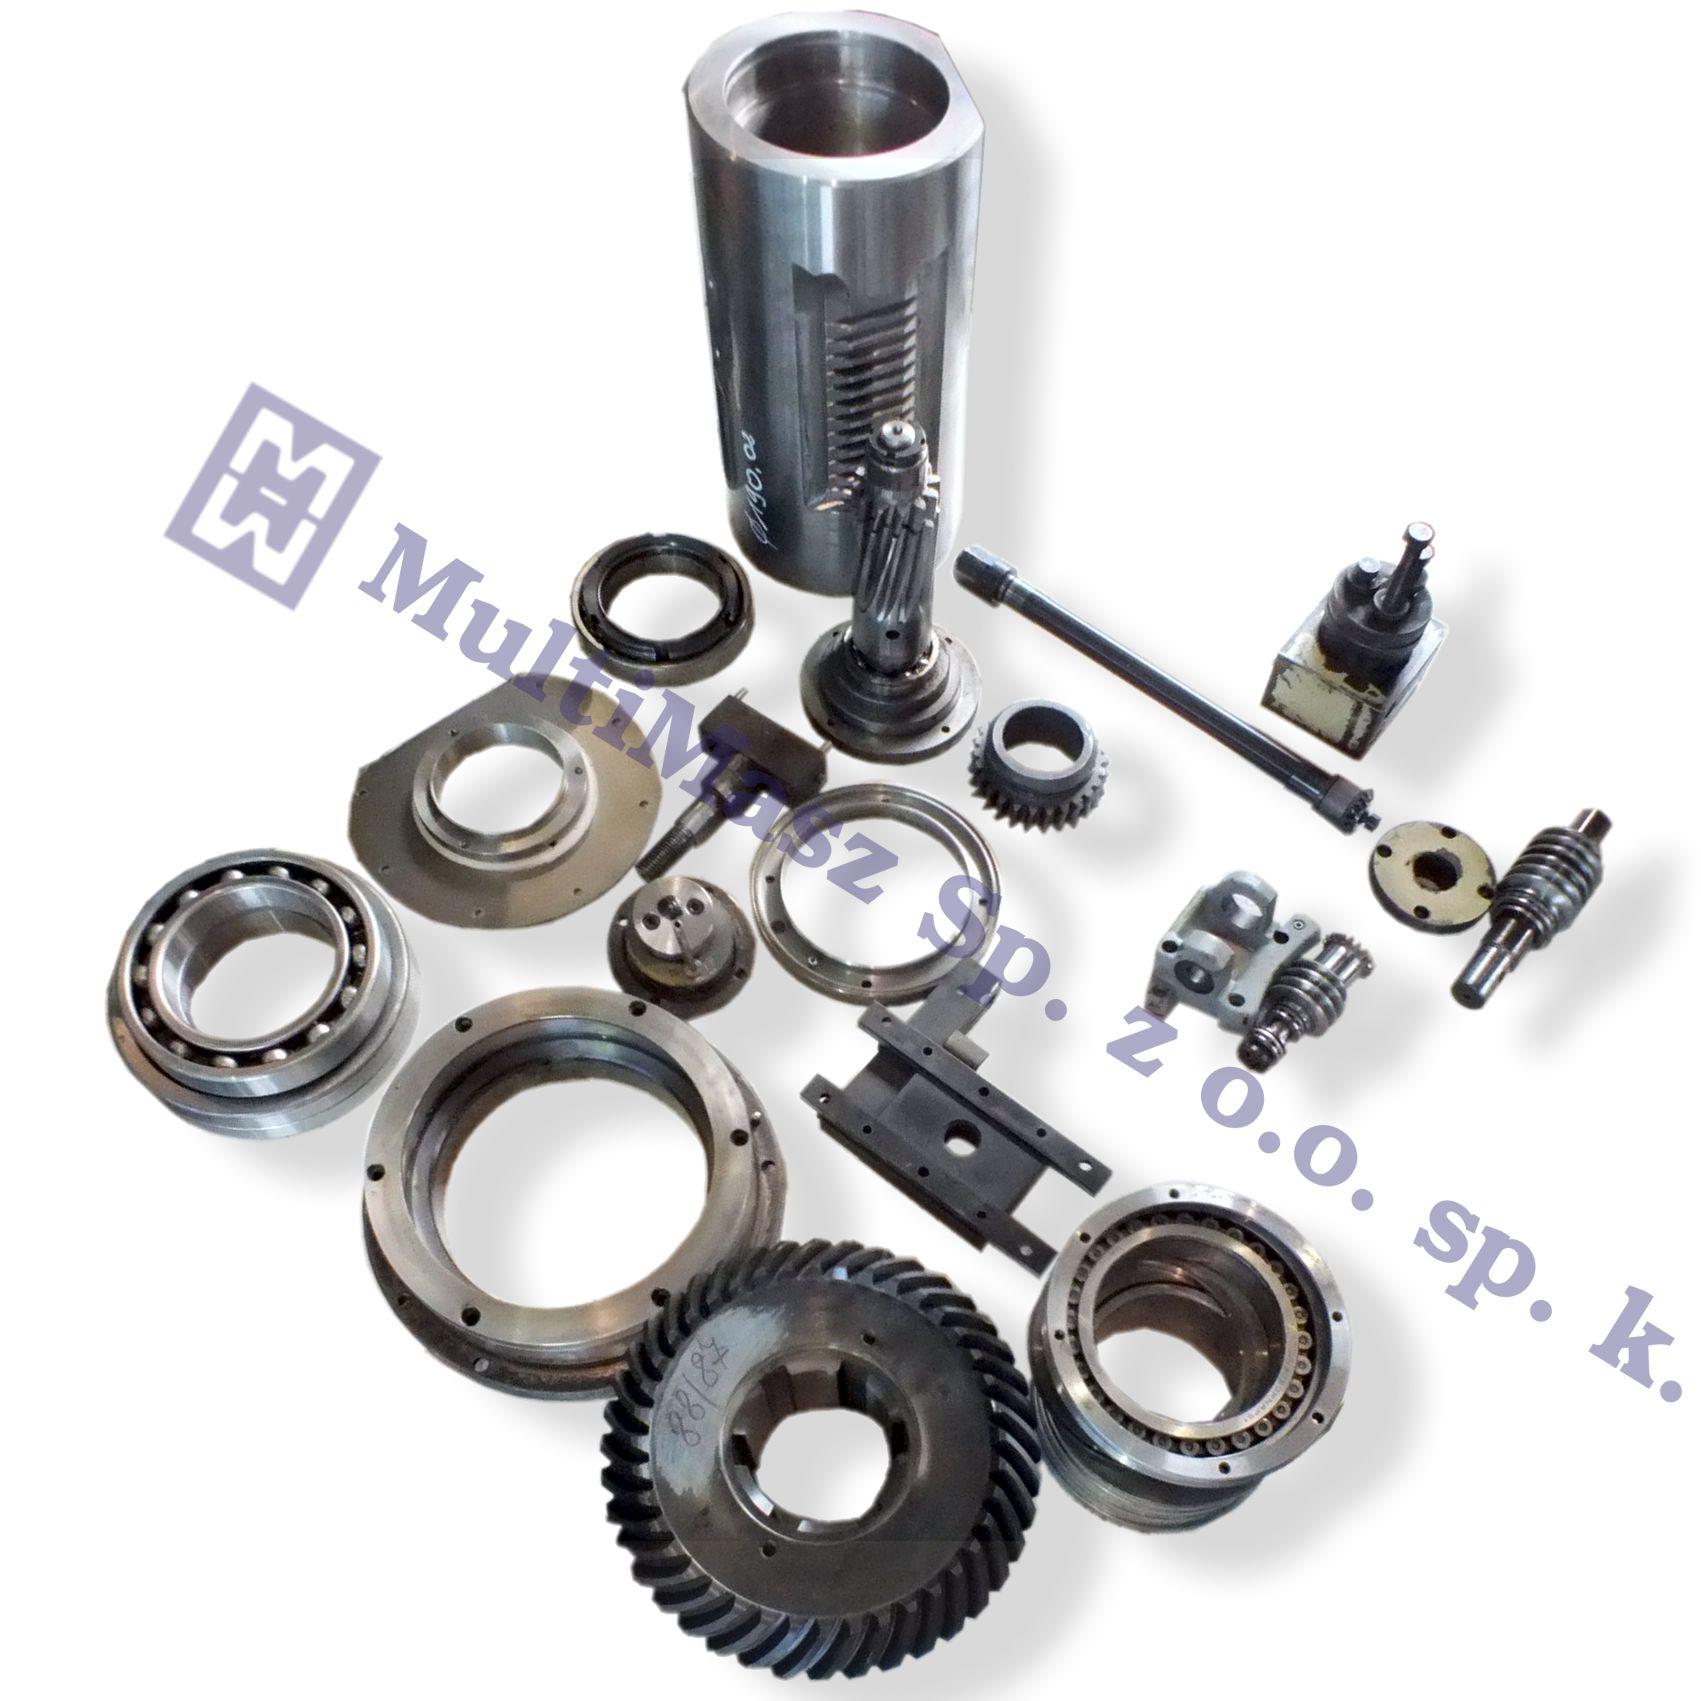 ersatzteile für metallfräsmaschinen